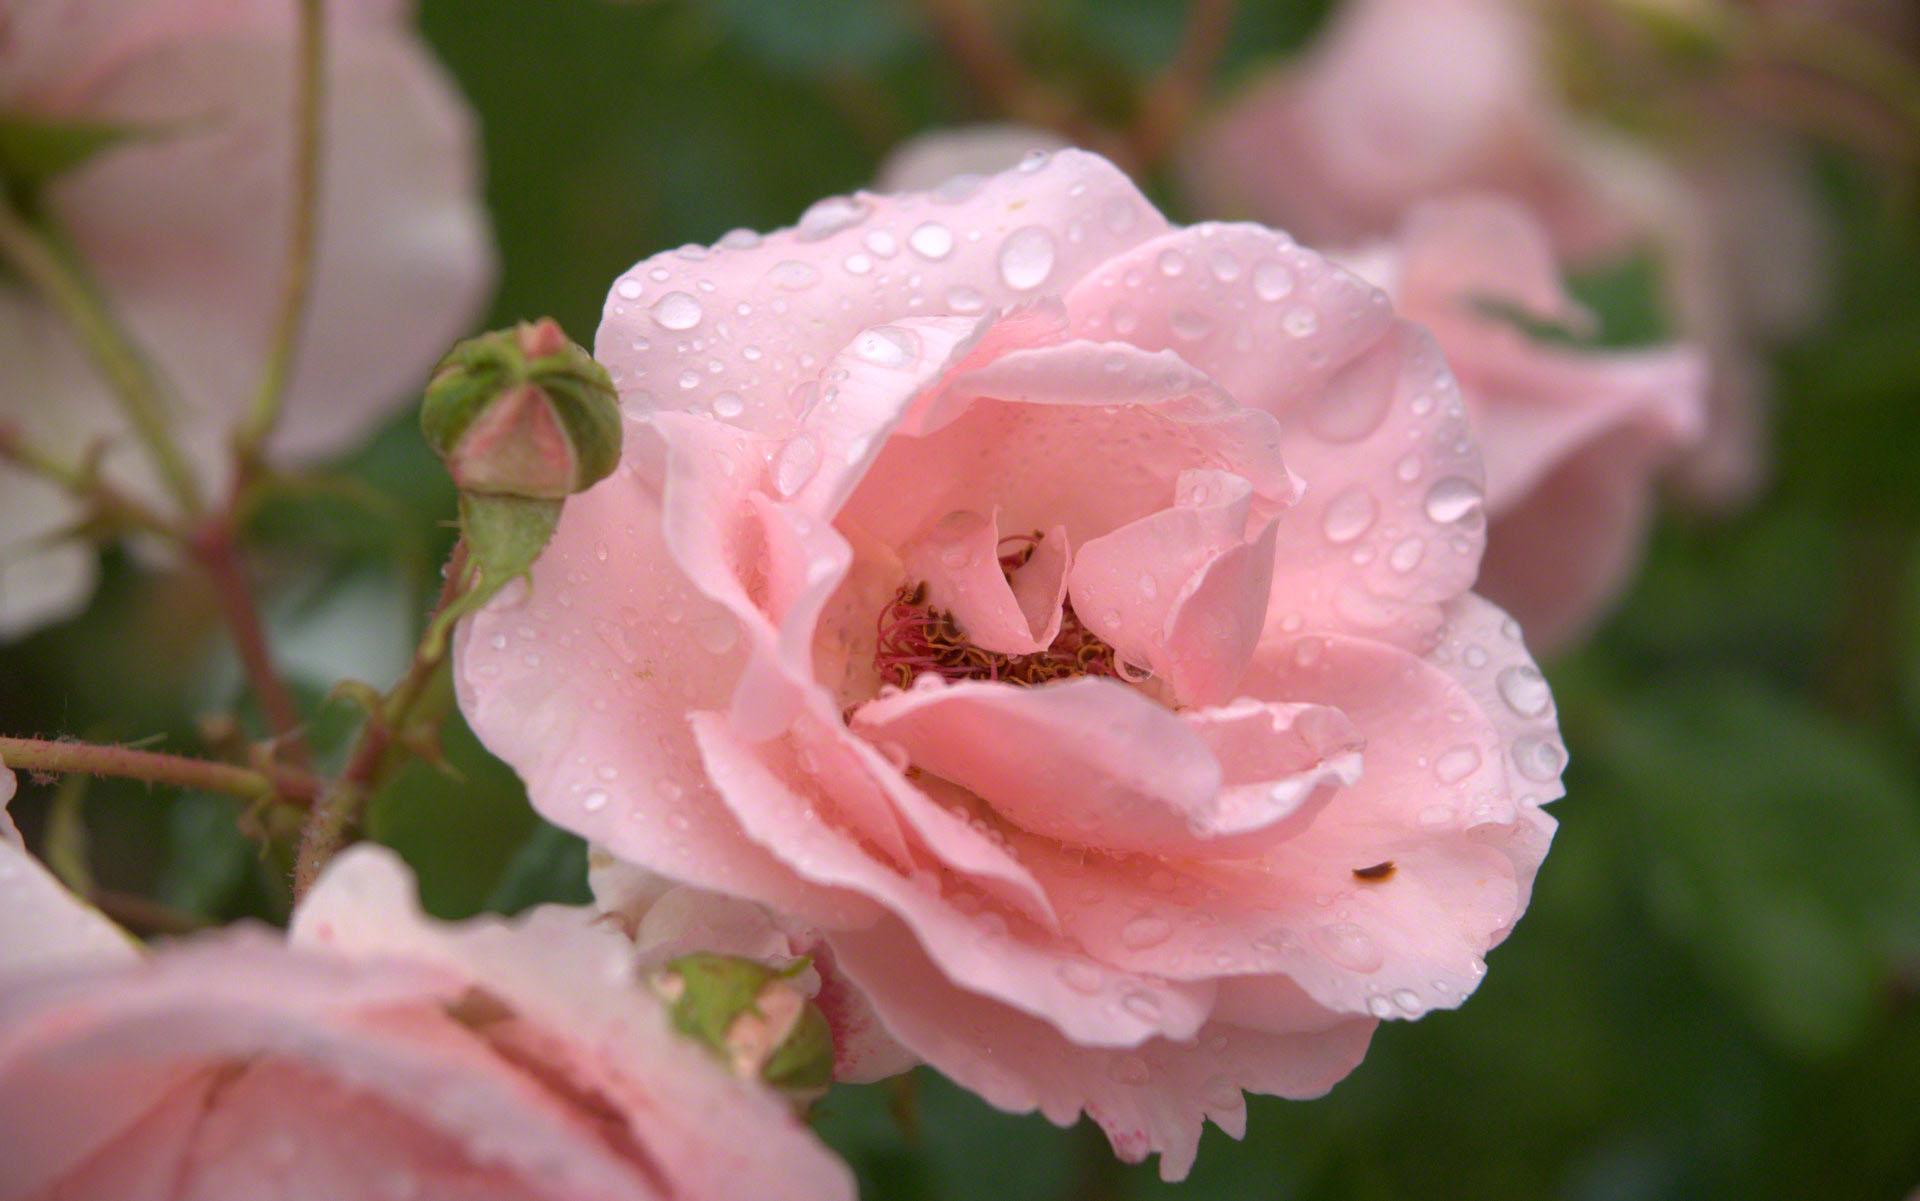 ... de una lluvia en Italia. beautifulhermosa rosa empapelado con gotas de